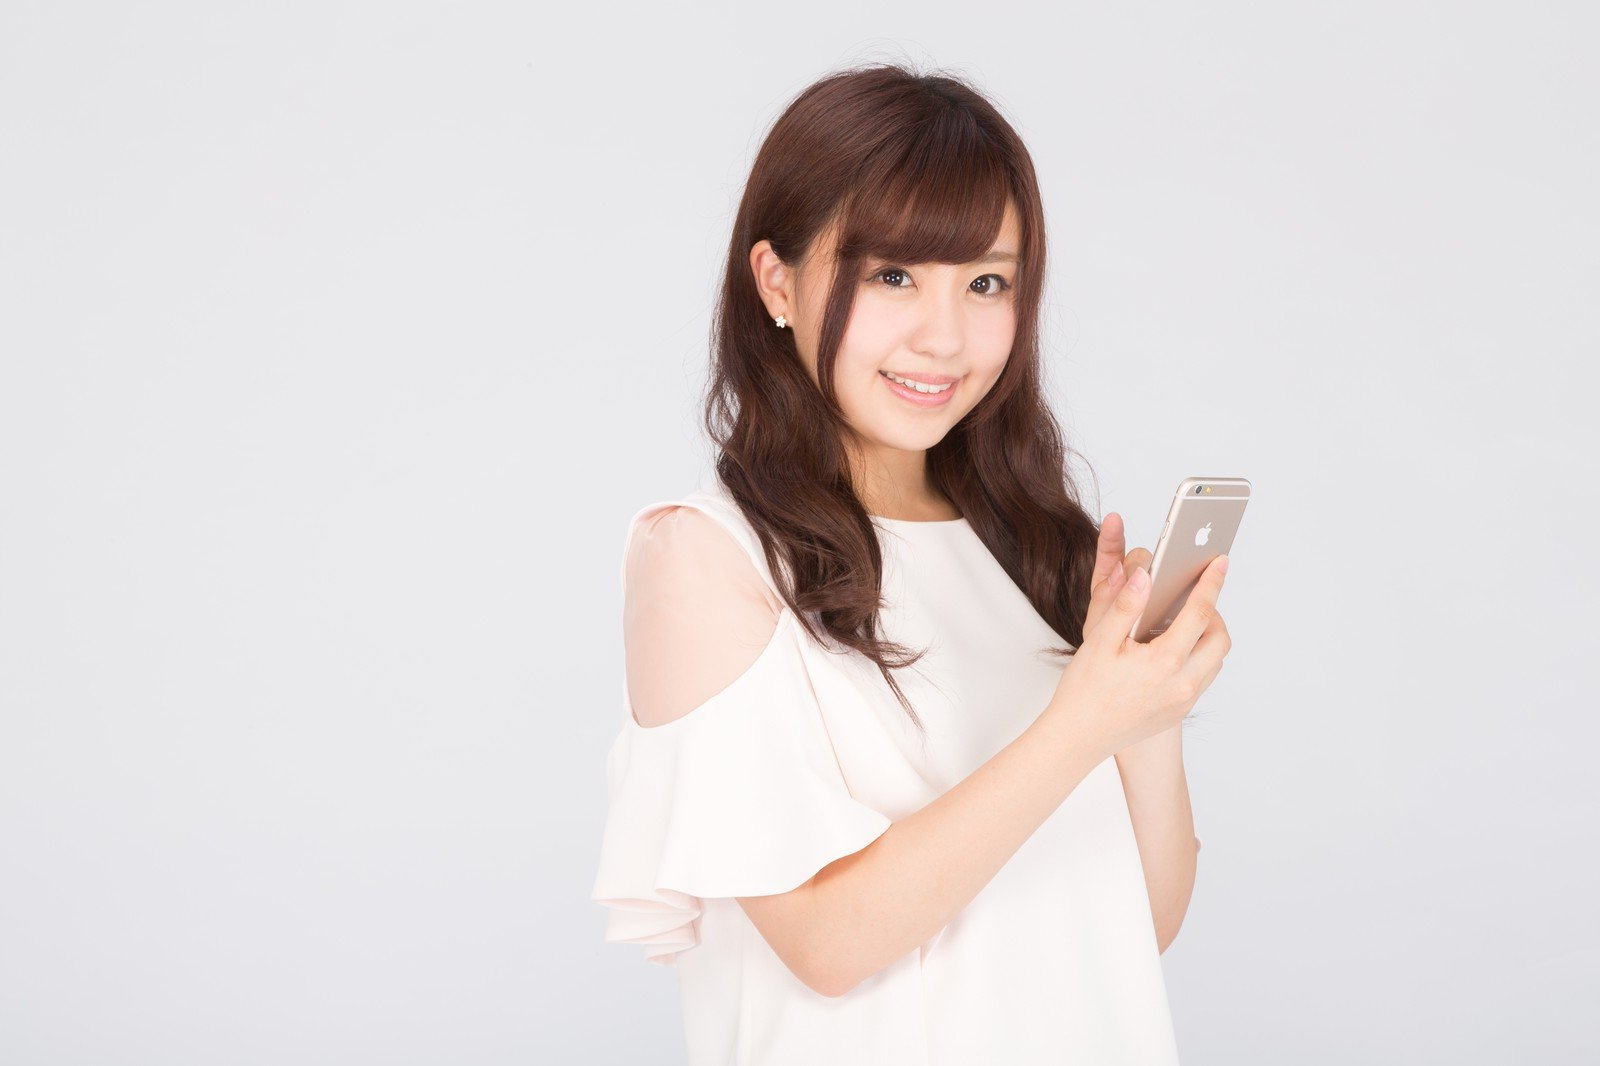 yuka20160818503514_tp_v